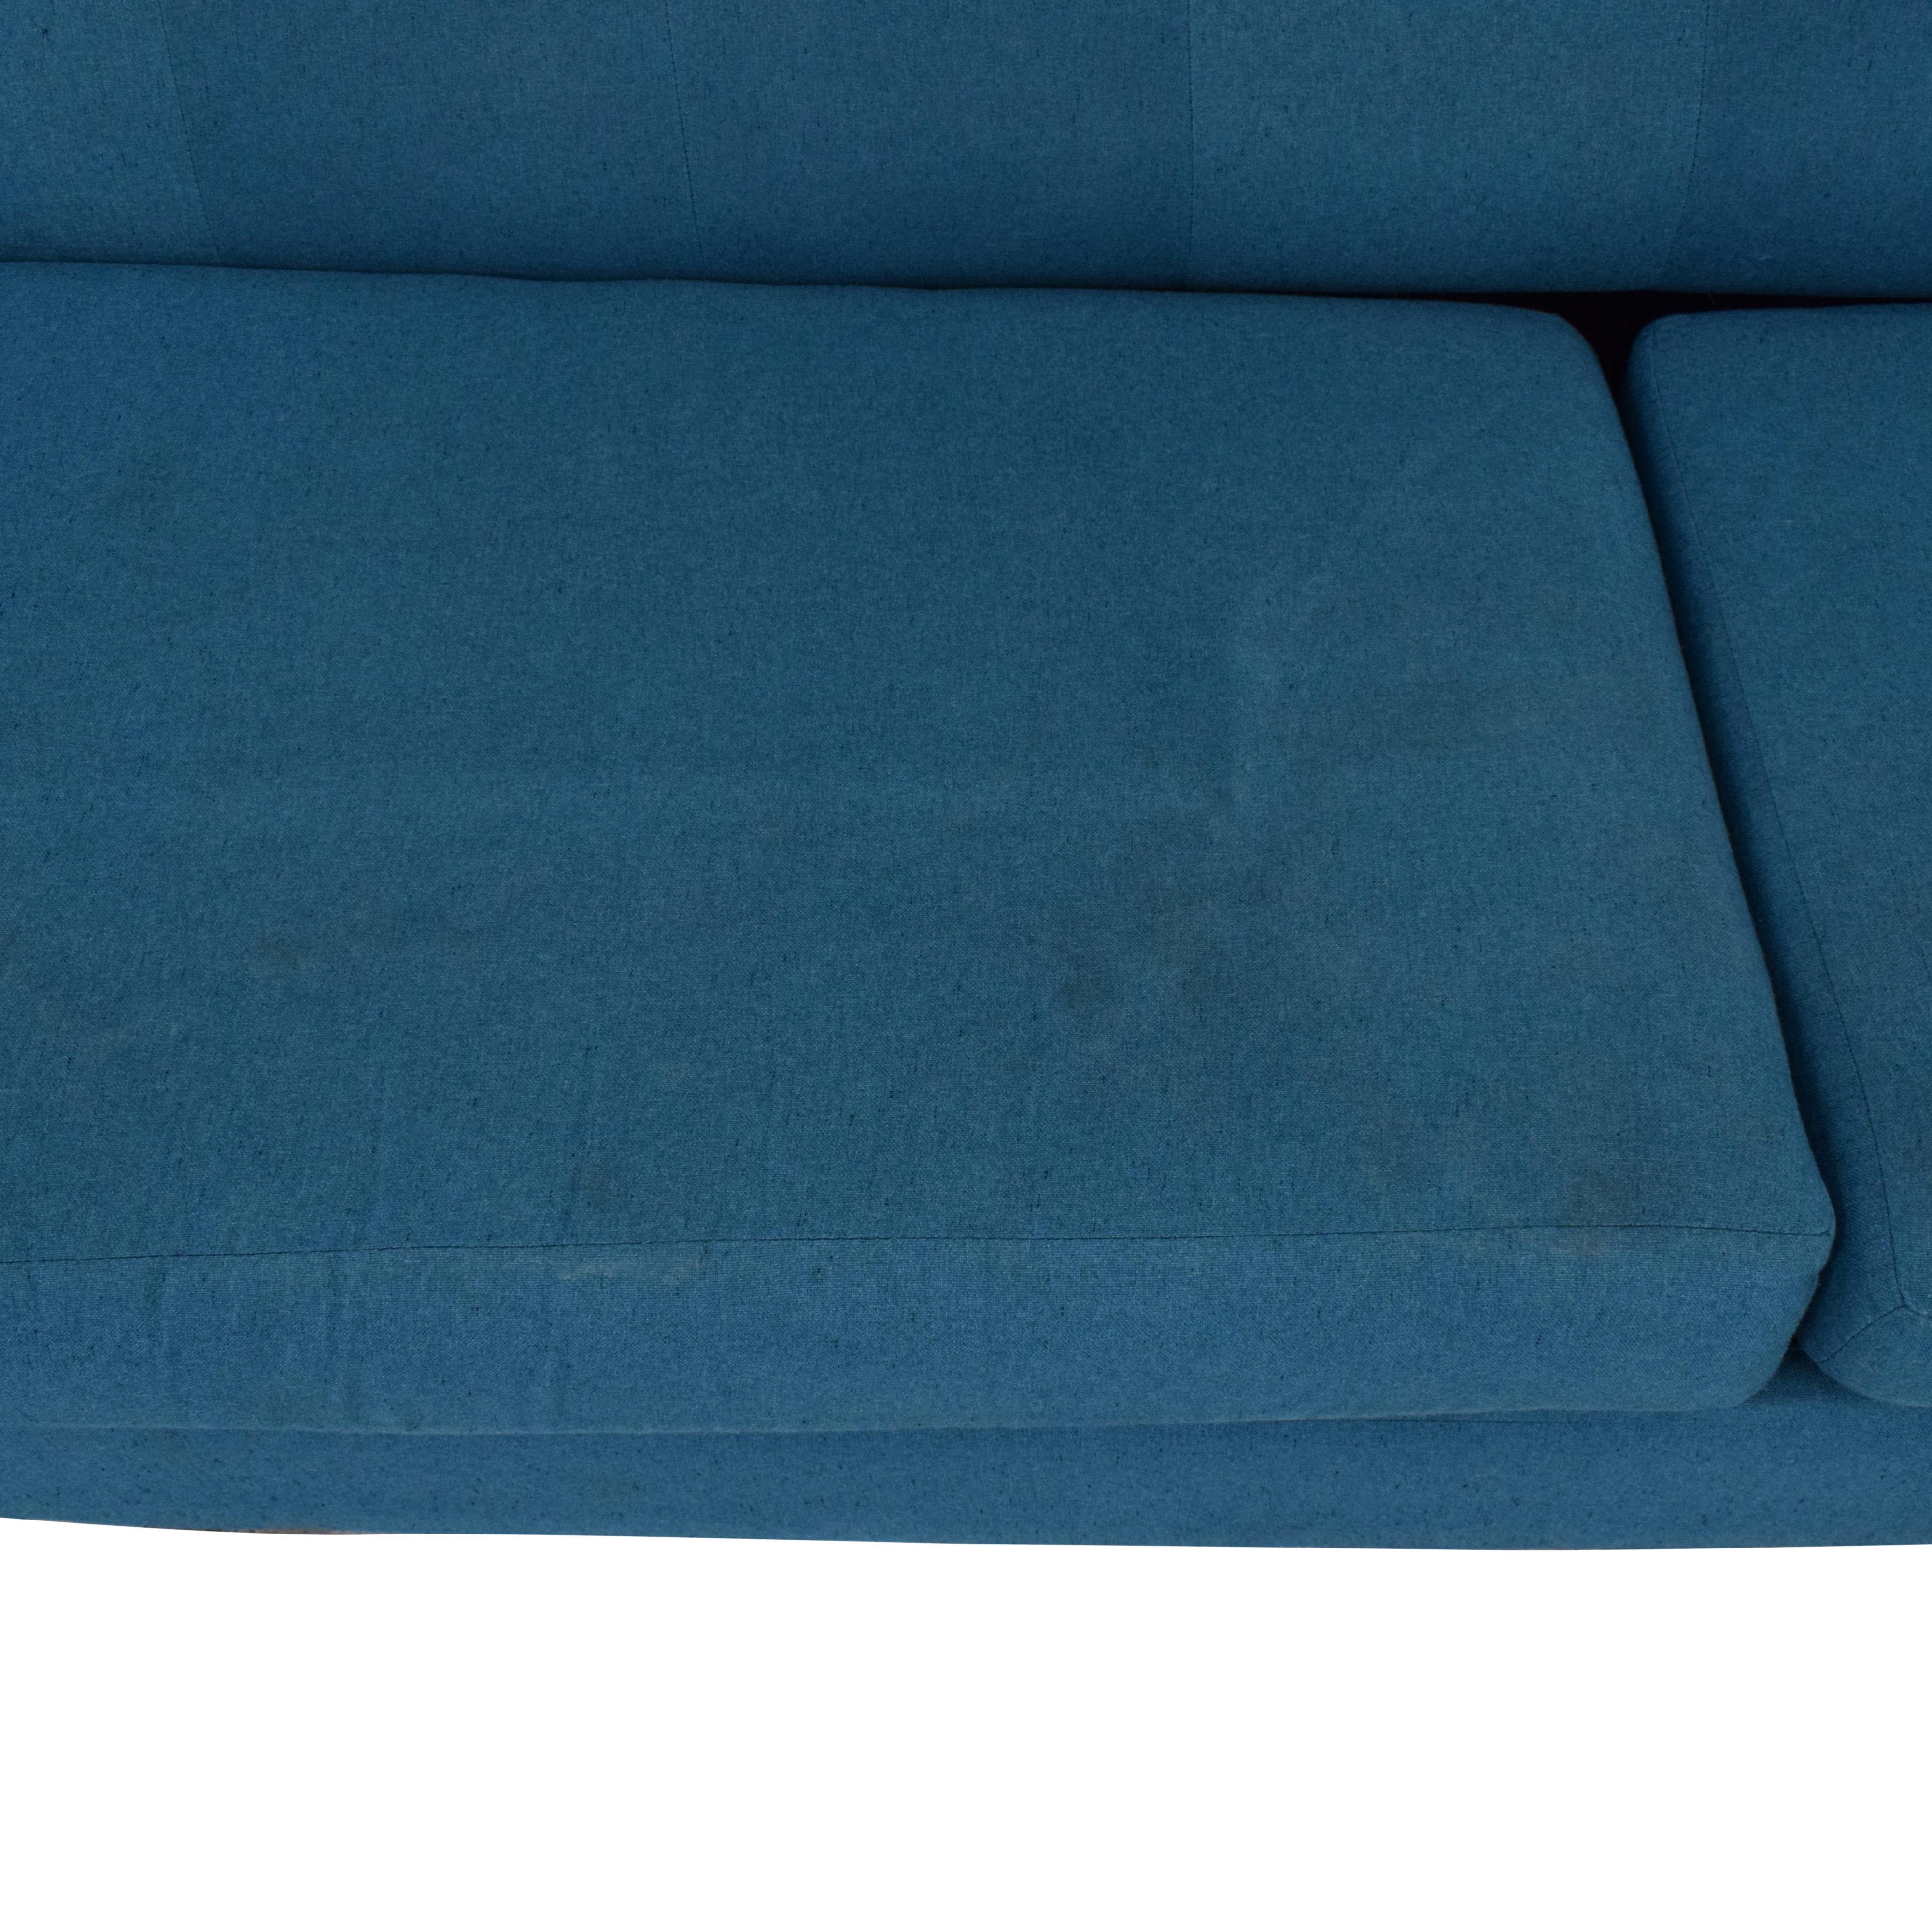 Joybird Joybird Hughes Sleeper Sofa ct